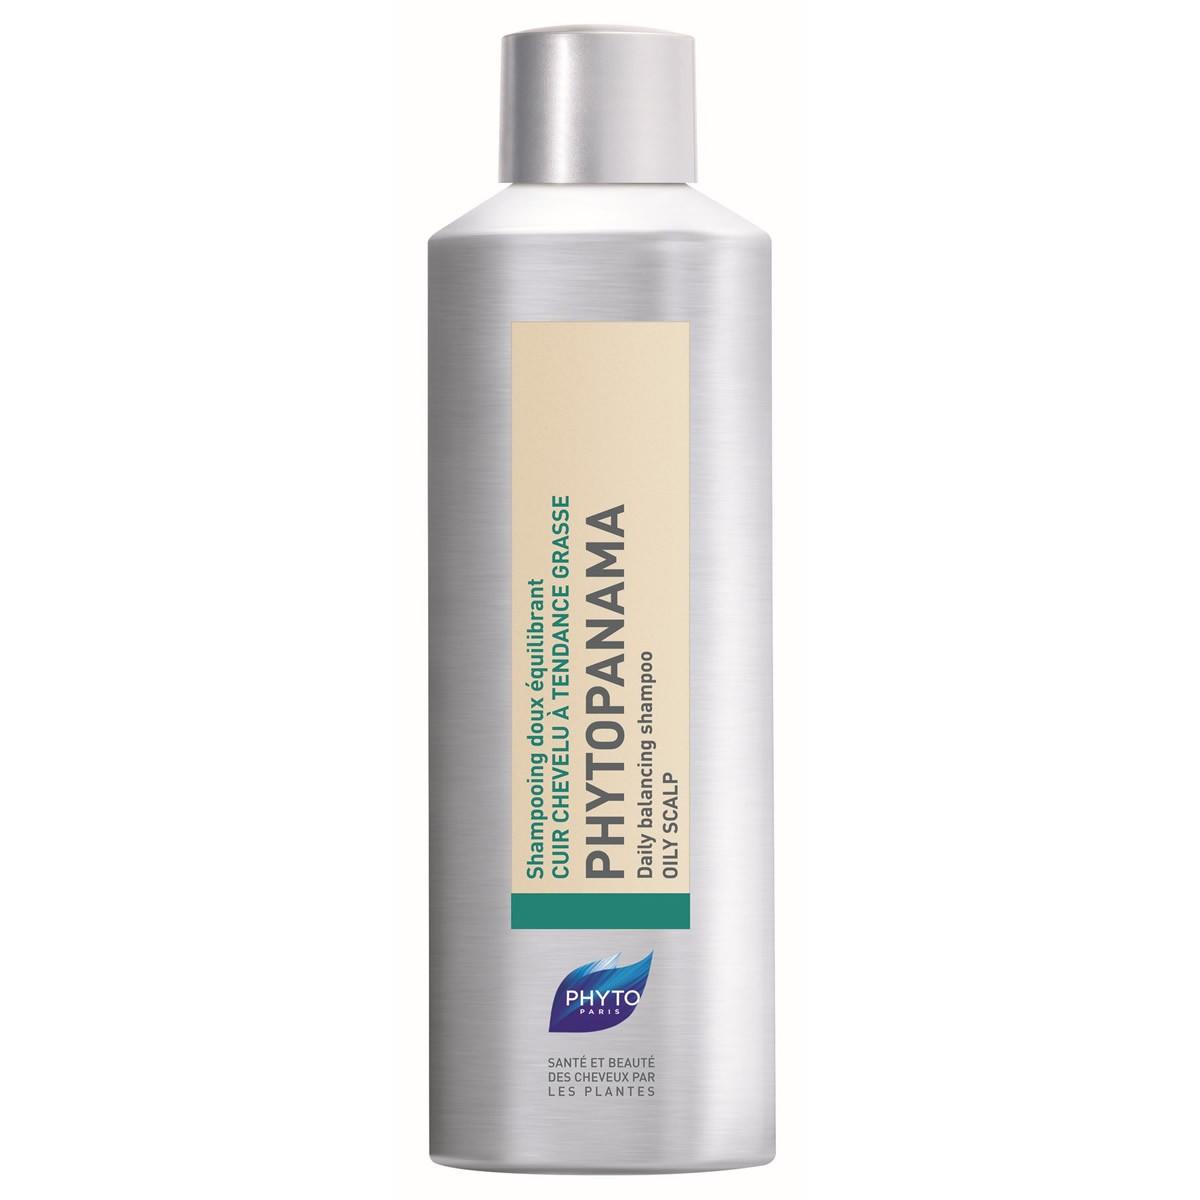 Phyto Phytopanama Daily Balancing Shampoo